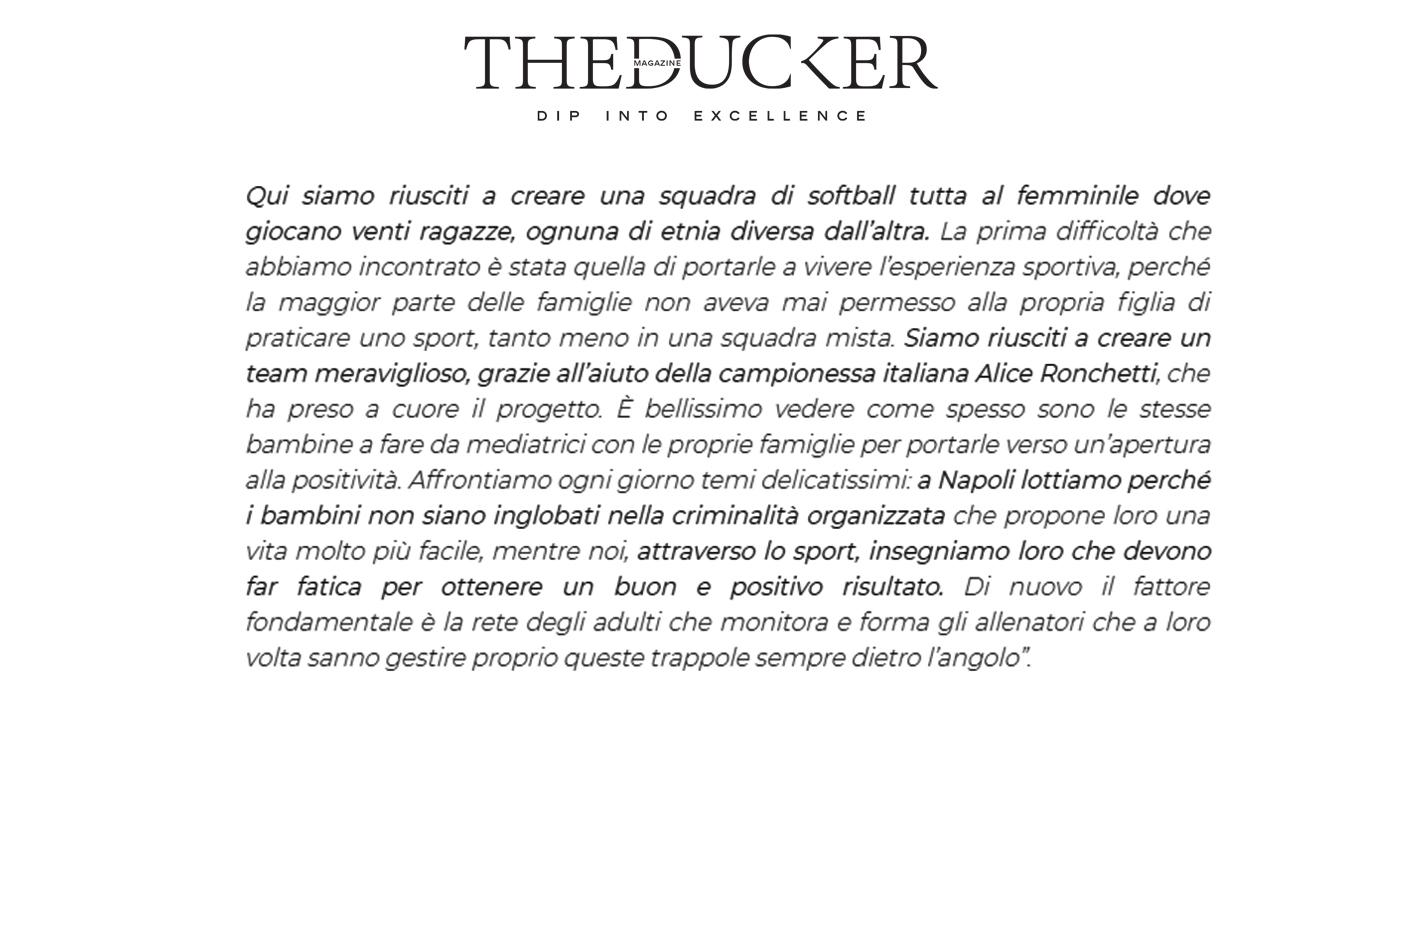 24_07_2018_THE-DUCKER_6